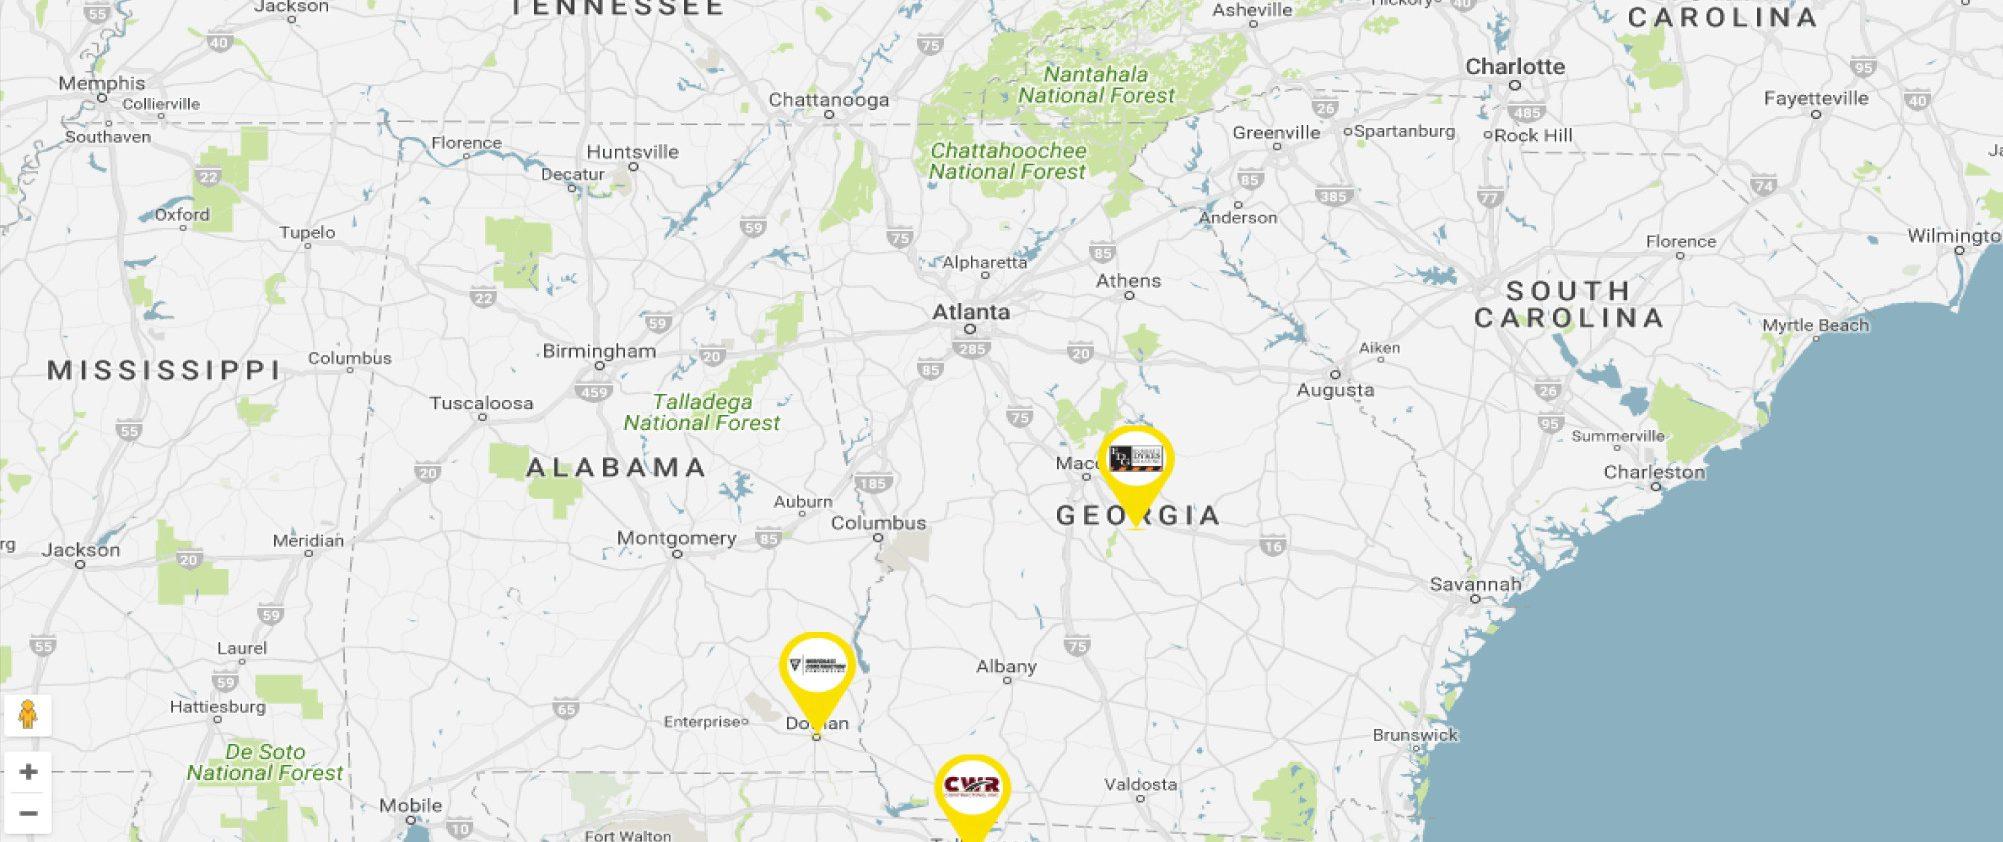 cpi-map